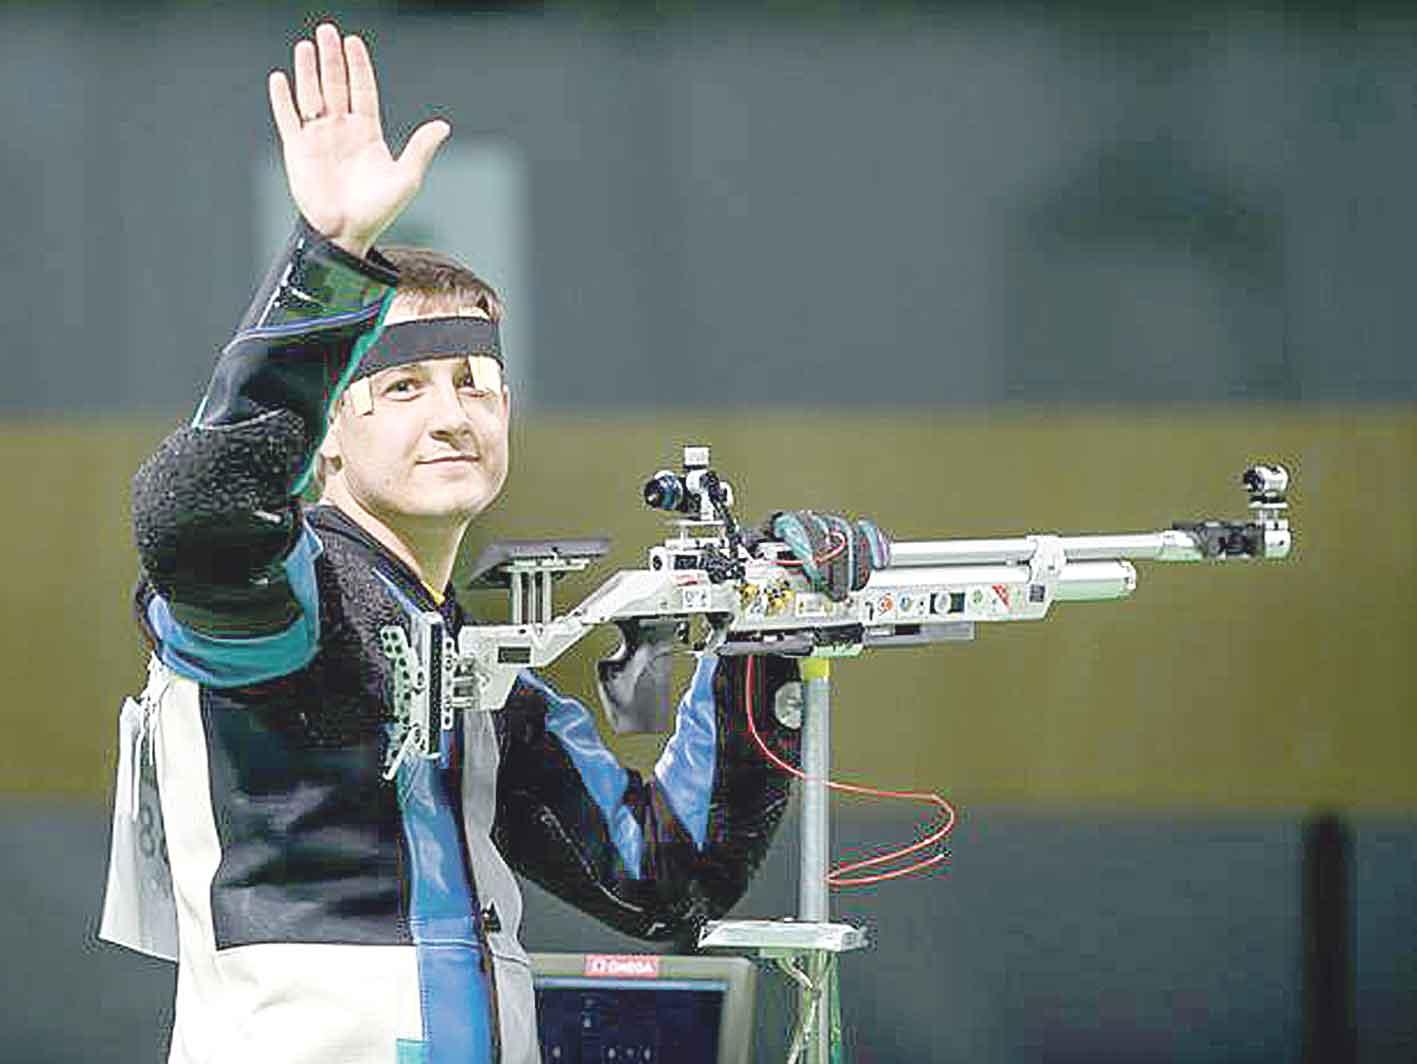 Найкращий спортсмен Вінниччини стрілець Олег Царьков боротиметься за Олімпіаду в Токіо